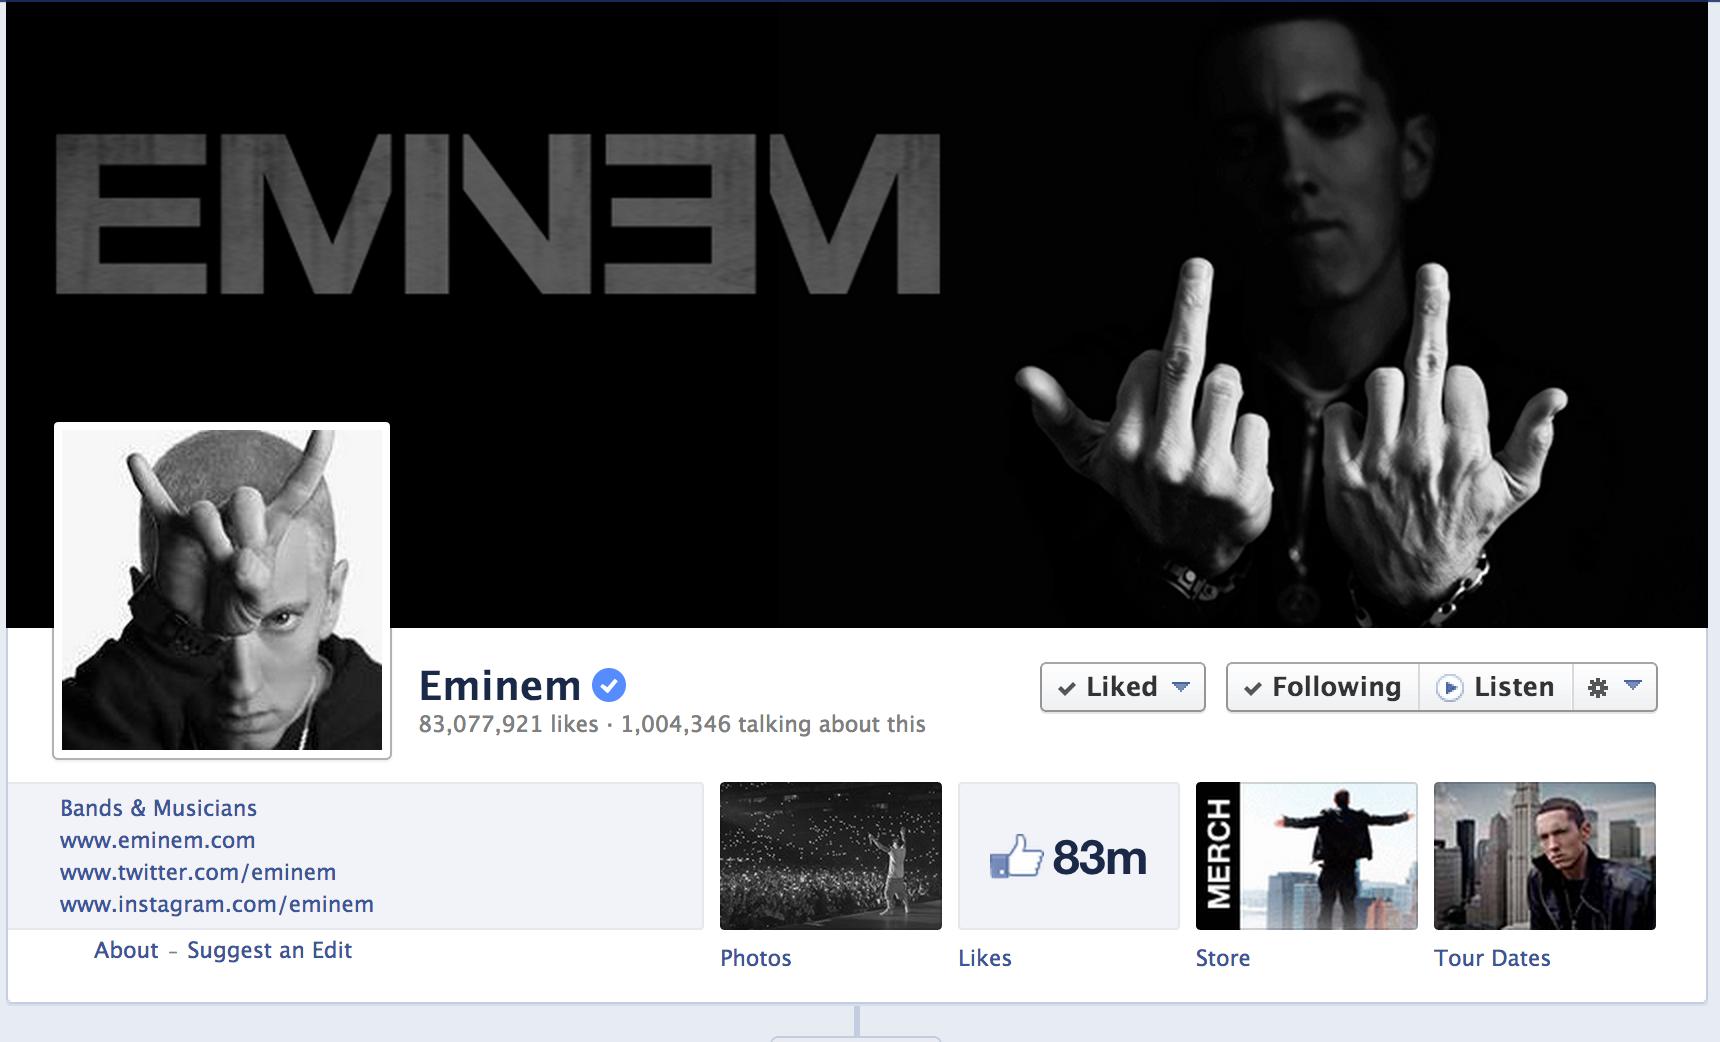 Eminem on Facebook